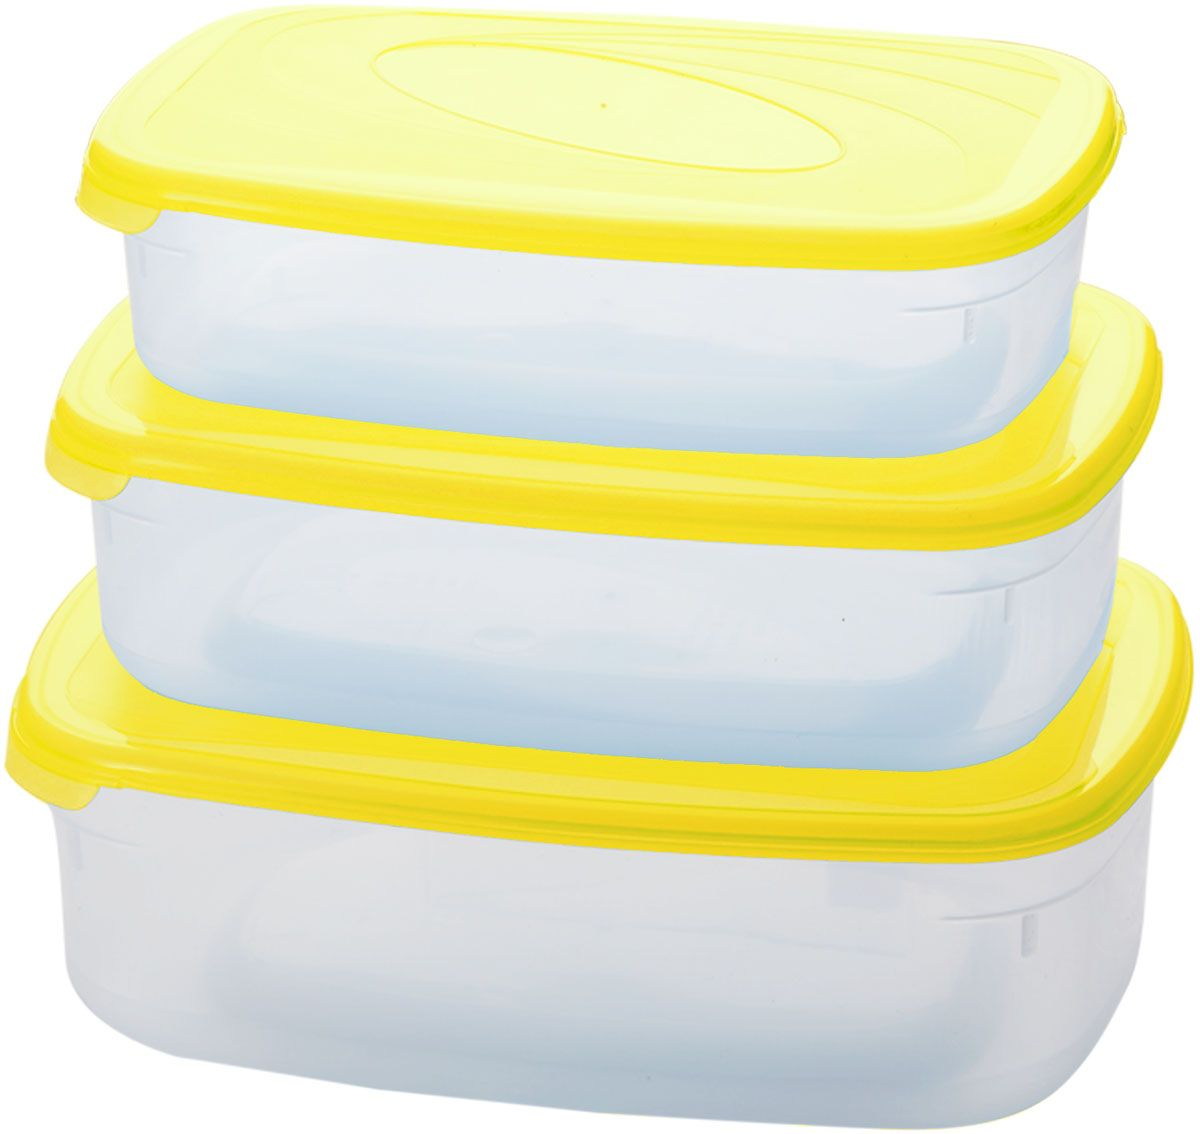 Комплект емкостей для СВЧ Plastic Centre Galaxy, цвет: желтый, прозрачный, 3 шт. ПЦ2234ЛМНПЦ2234ЛМНКомплект емкостей для СВЧ разных размеров многофункционального применения. Их можно применять как для хранения различных продуктов, так и для разогрева пищи, замораживания ягод и овощей в морозильной камере и т.п. При хранении продуктов емкости можно ставить одну на другую, сохраняя полезную площадь холодильника или морозильной камеры.Объем маленькой емкости: 750 мл.Объем средней емкости: 1,2 л.Объем большой емкости: 1,6 л.